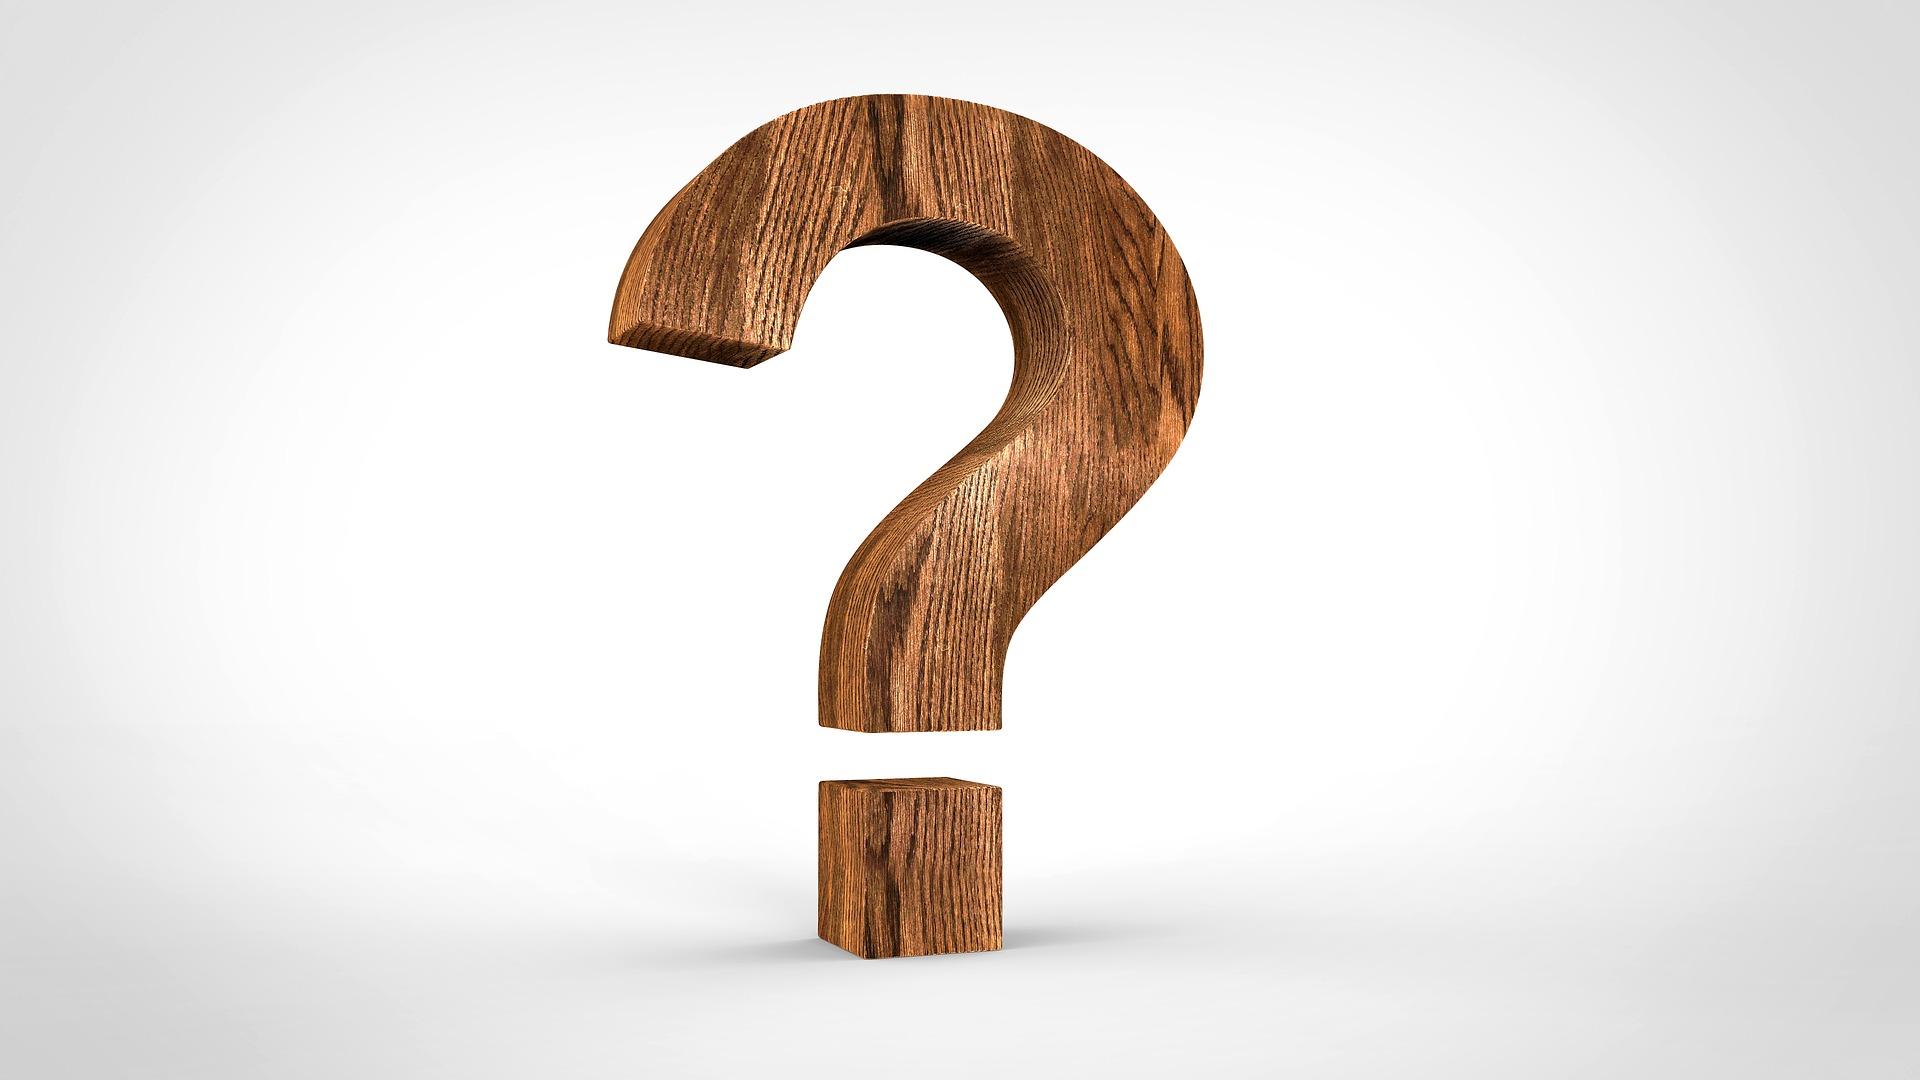 Наиболее часто задаваемые вопросы. Часть 2.